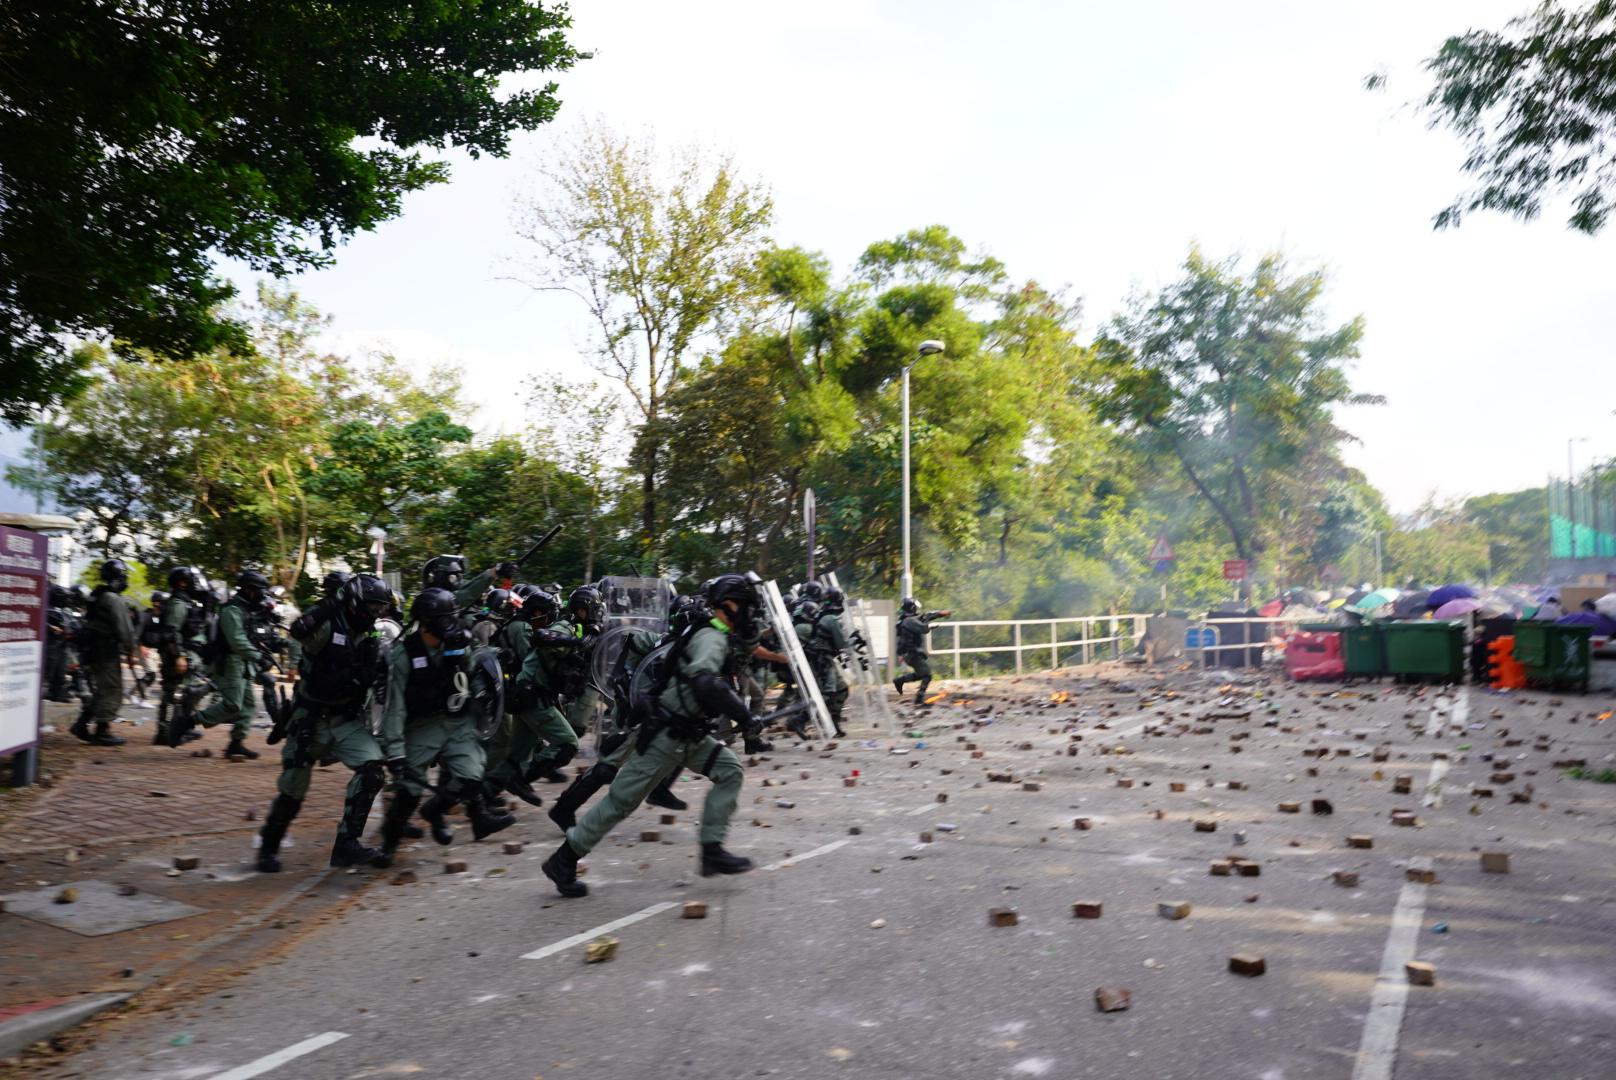 Tiết lộ nguyên nhân cảnh sát Hồng Kông tấn công vào trường đại học Trung Văn (ảnh 2)